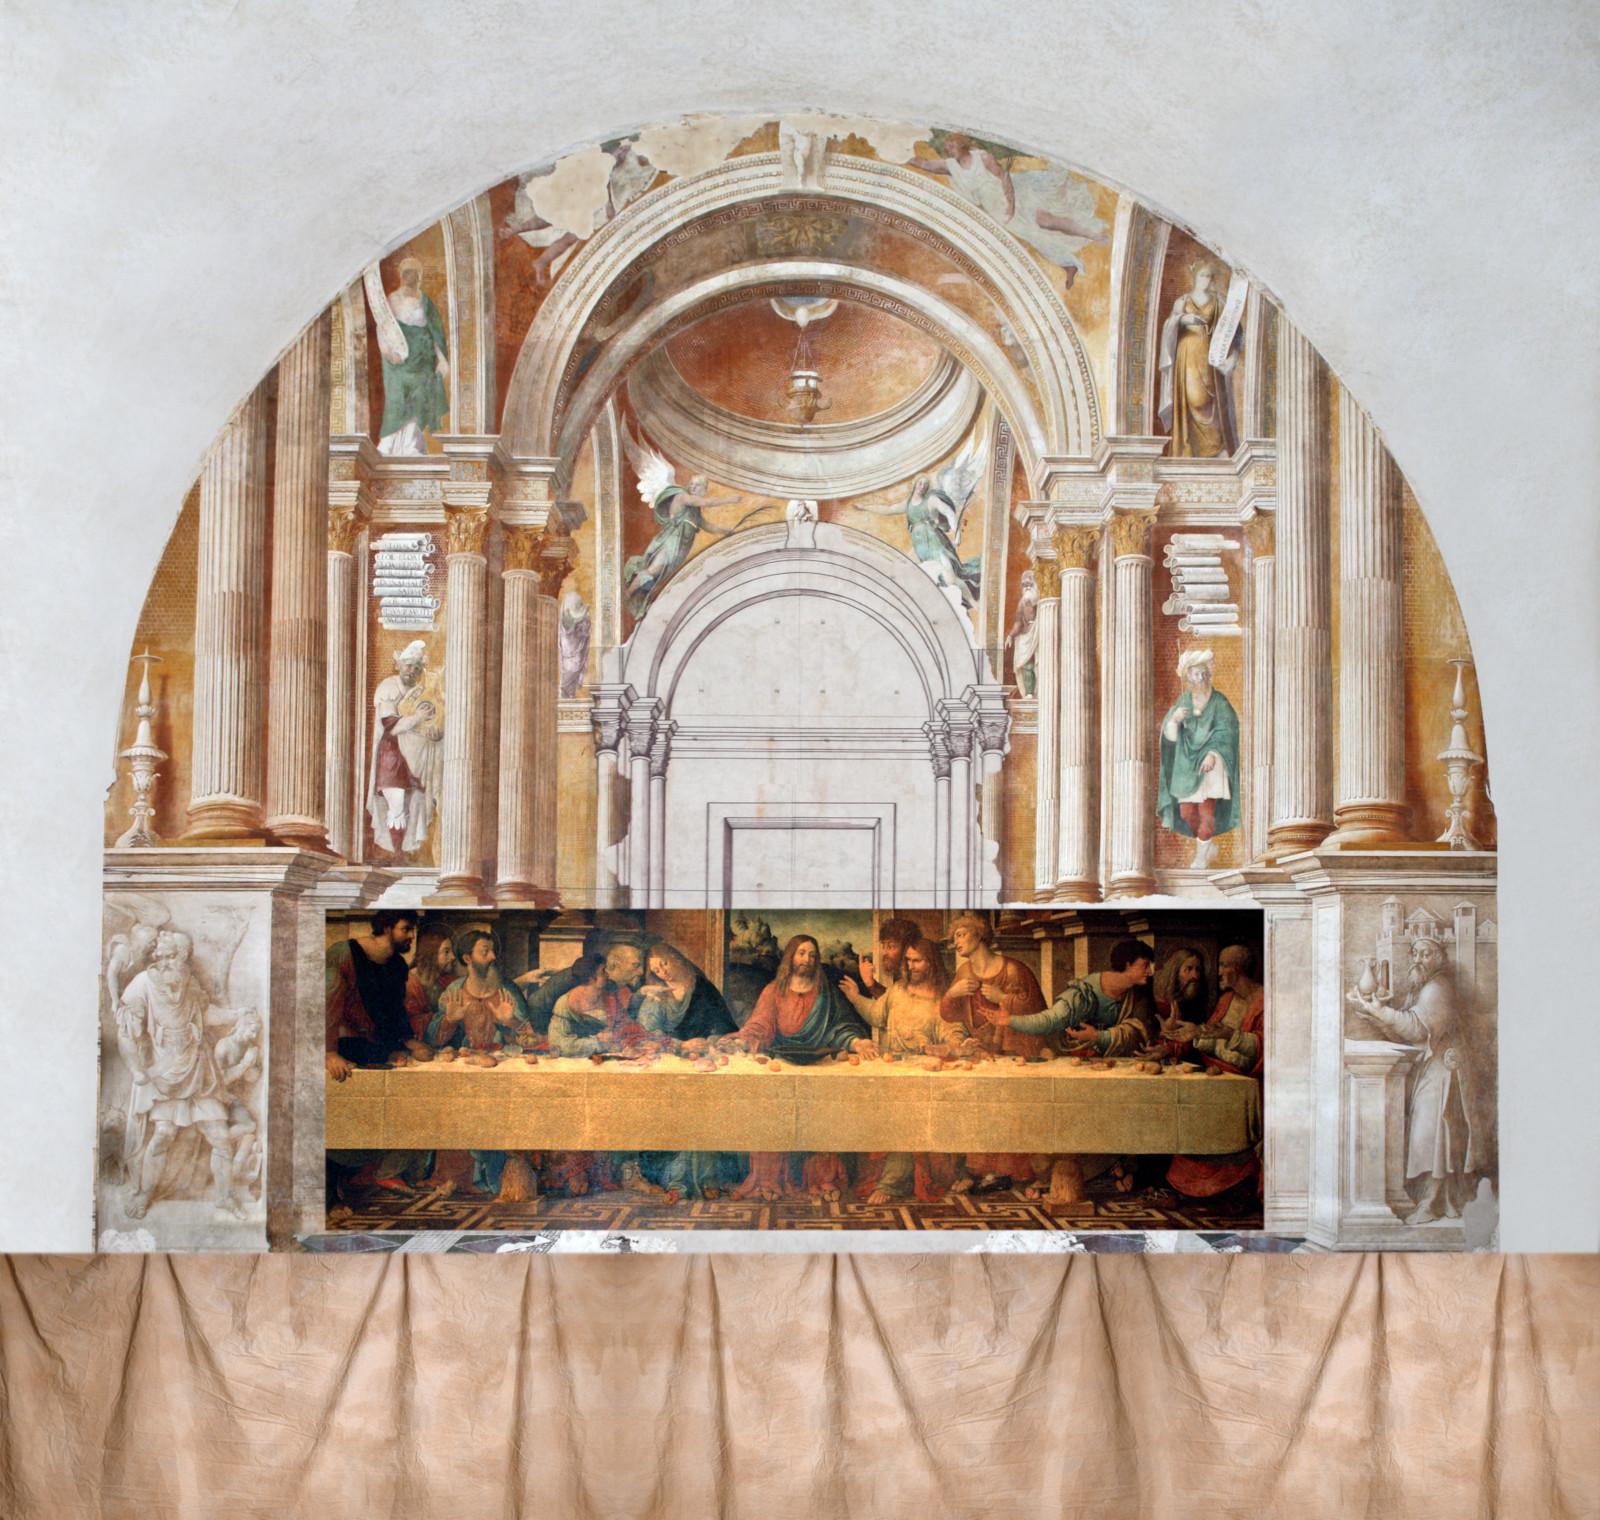 Correggio o Girolamo Bonsignori (attribuito a), Ambientazione architettonica del Cenacolo di Girolamo Bonsignori (1514 circa; affresco e interventi a secco, 1170 x 1135 cm; San Benedetto Po, Refettorio Grande)